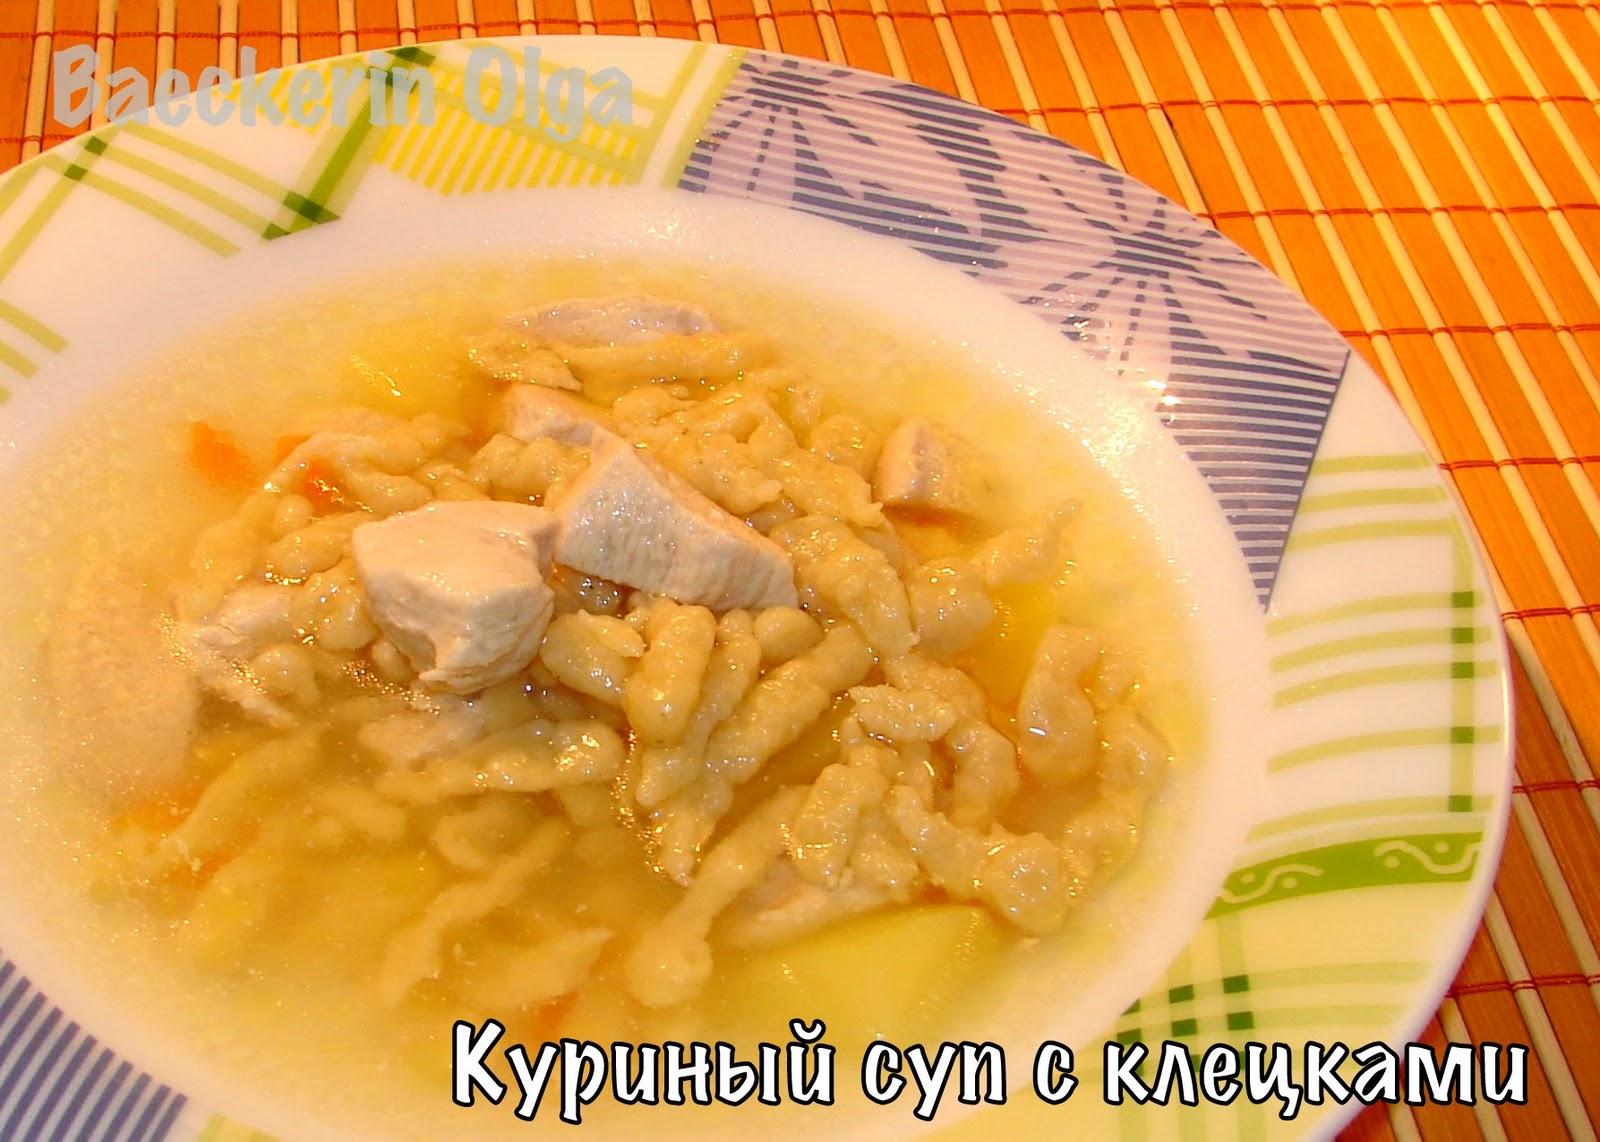 Как сделать галушки для супа: уникальный рецепт на t 7